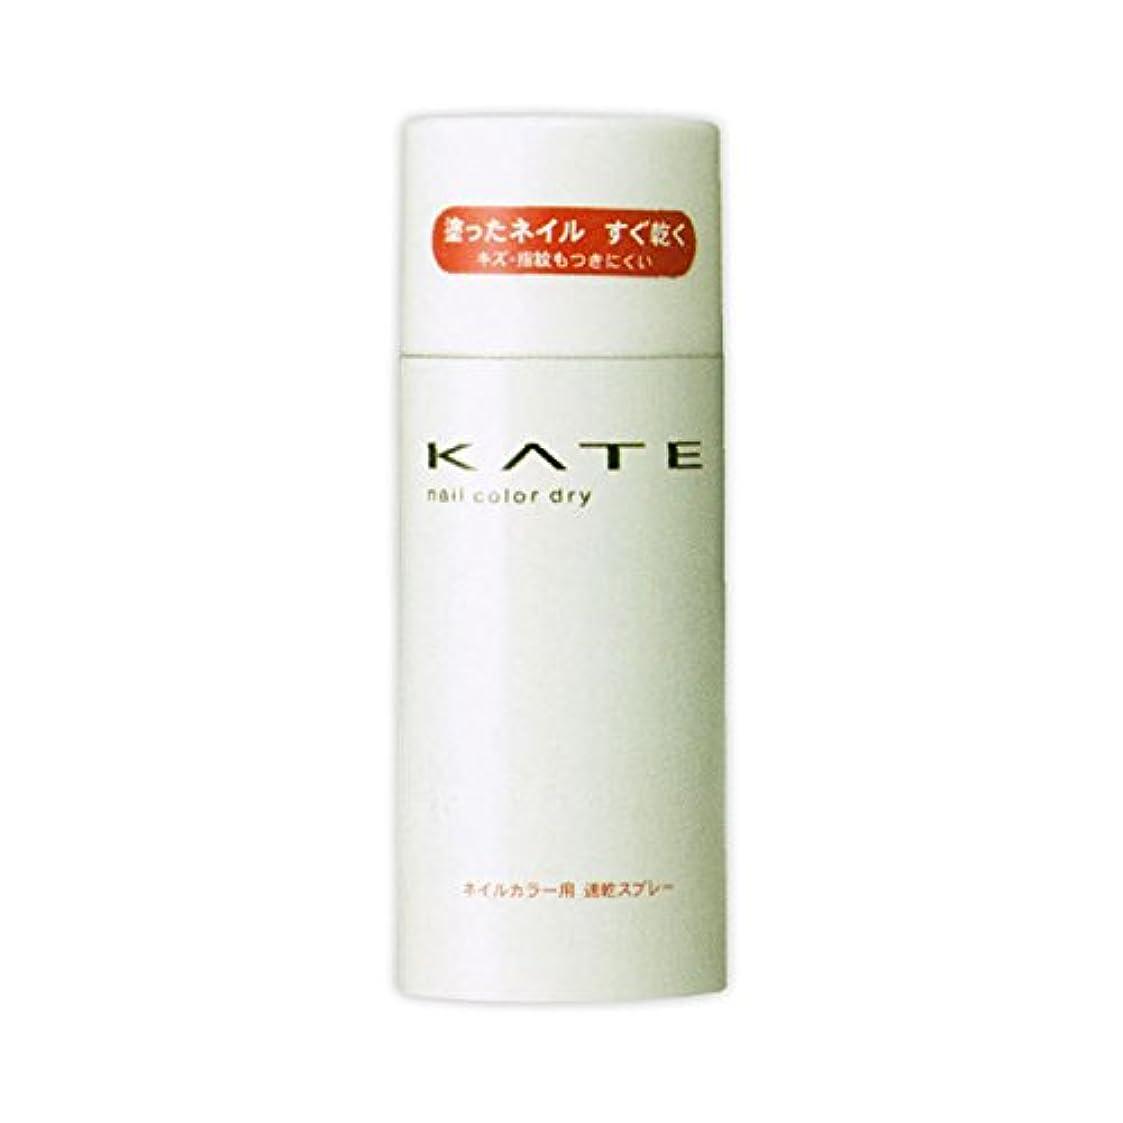 レルム実現可能日焼けカネボウ ケイト KATE ネイルカラードライ S 90g